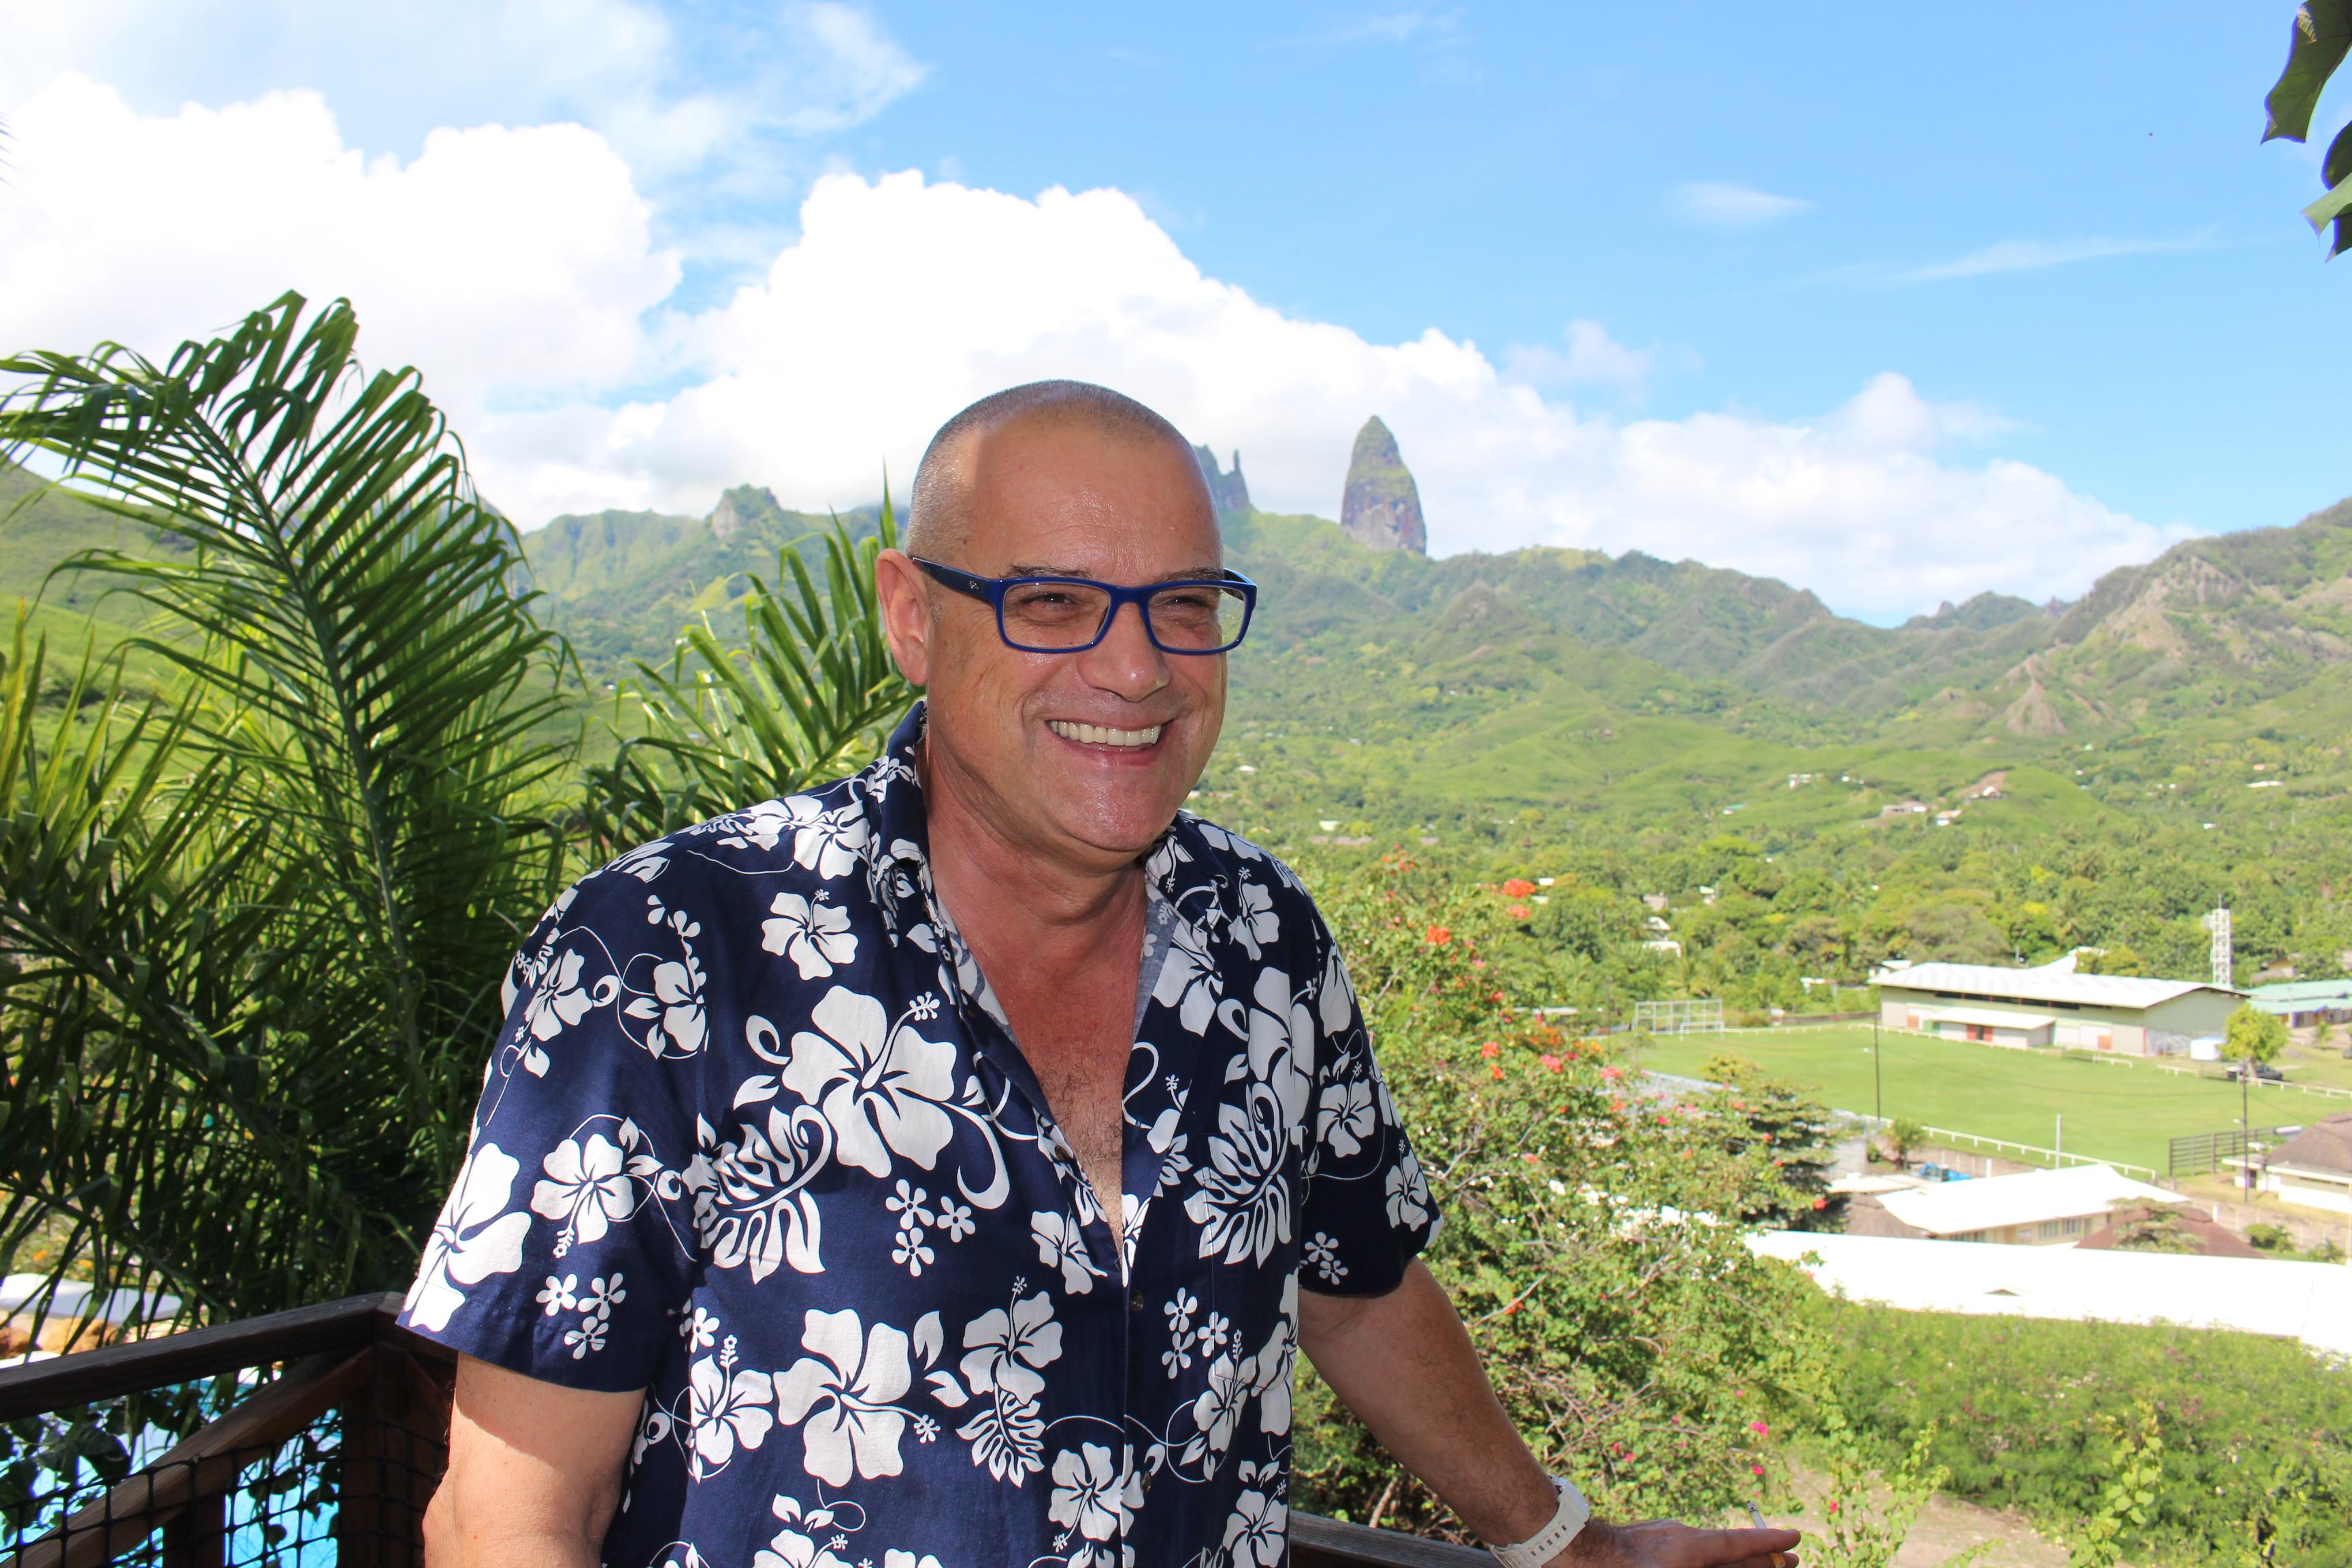 Ua pou ambassadeur polynésien d'un projet sur la francophonie